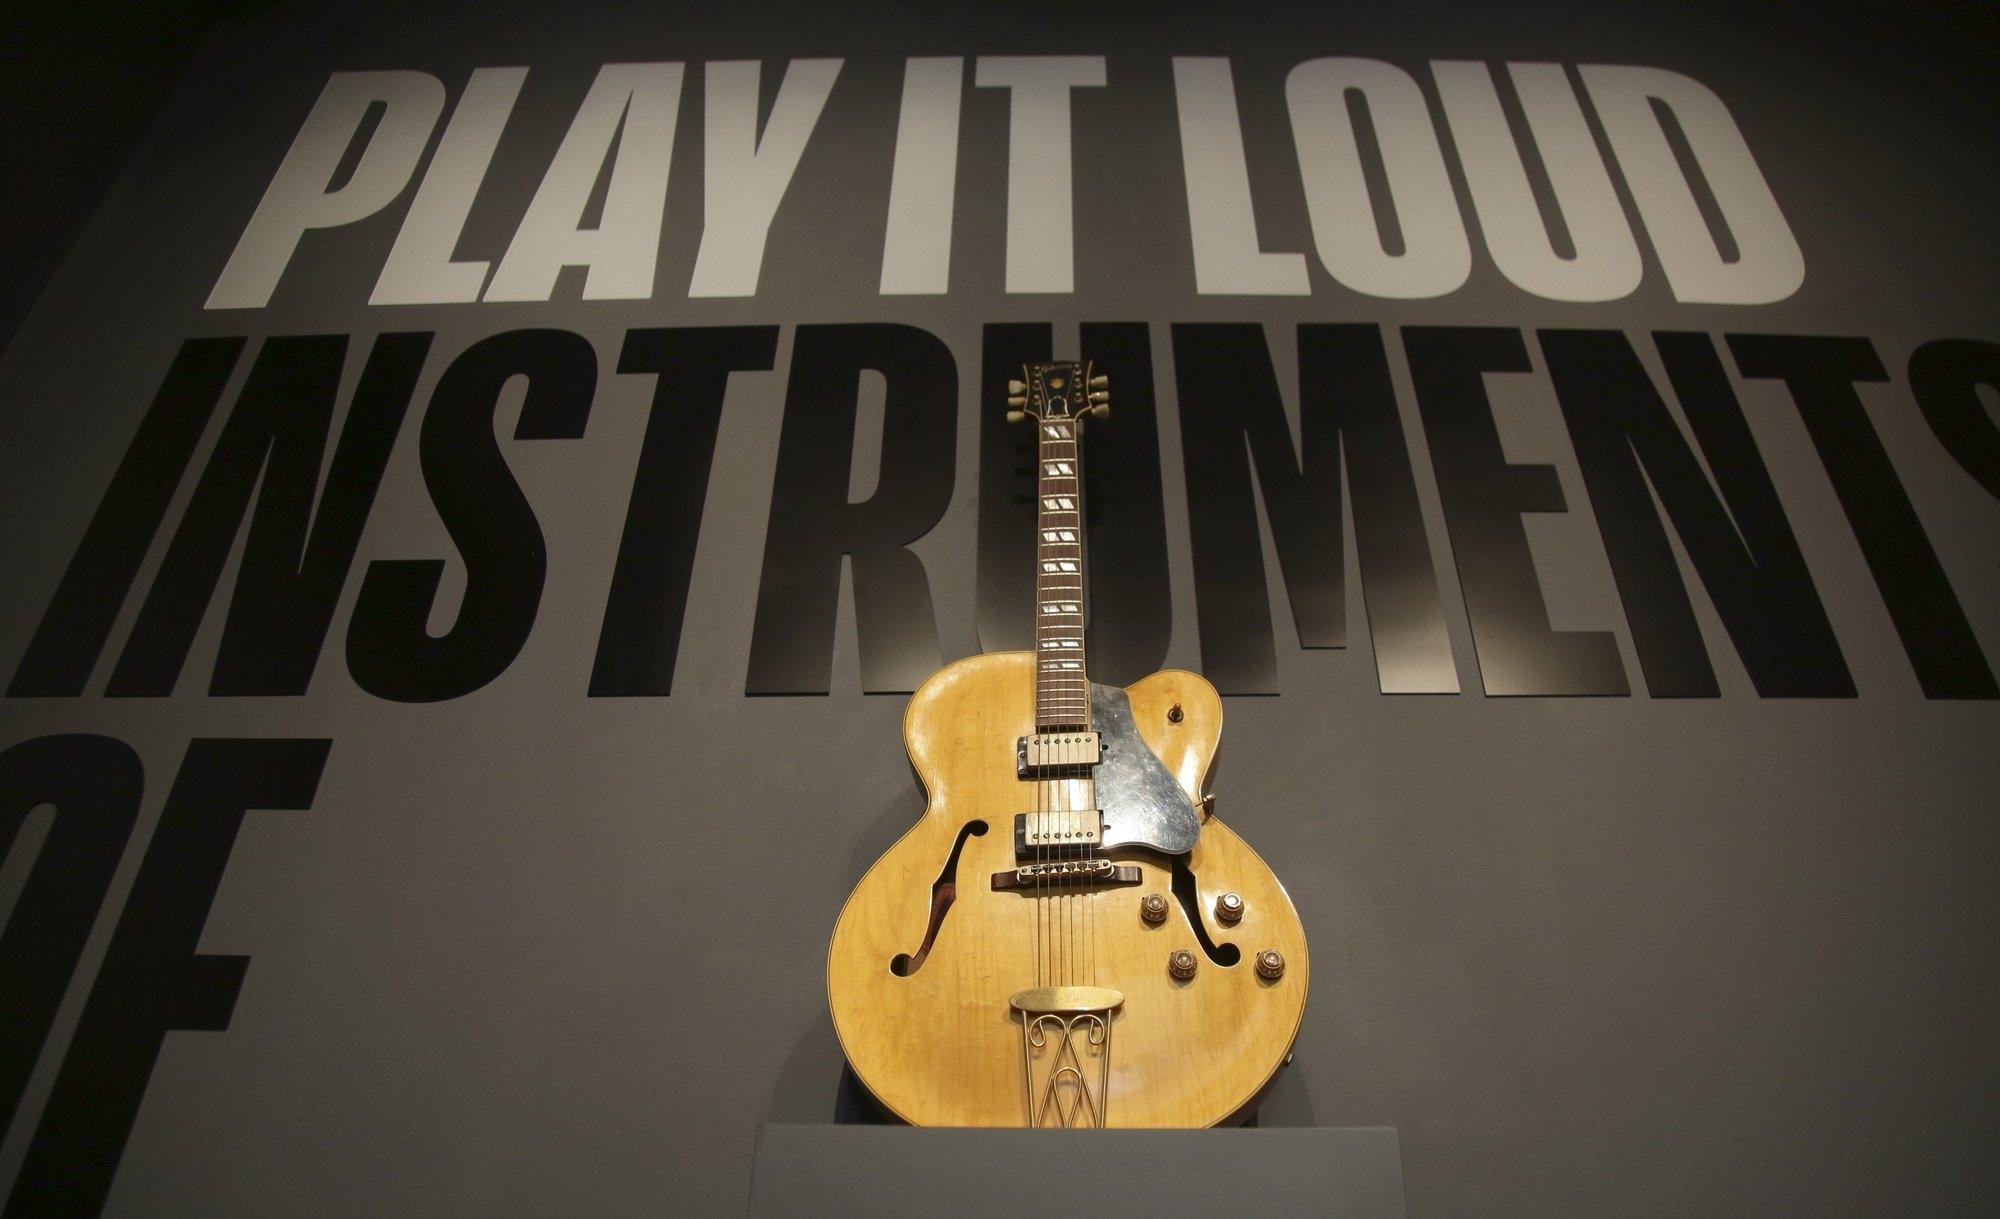 Exuberant Met exhibit explores the art of rock 'n' roll